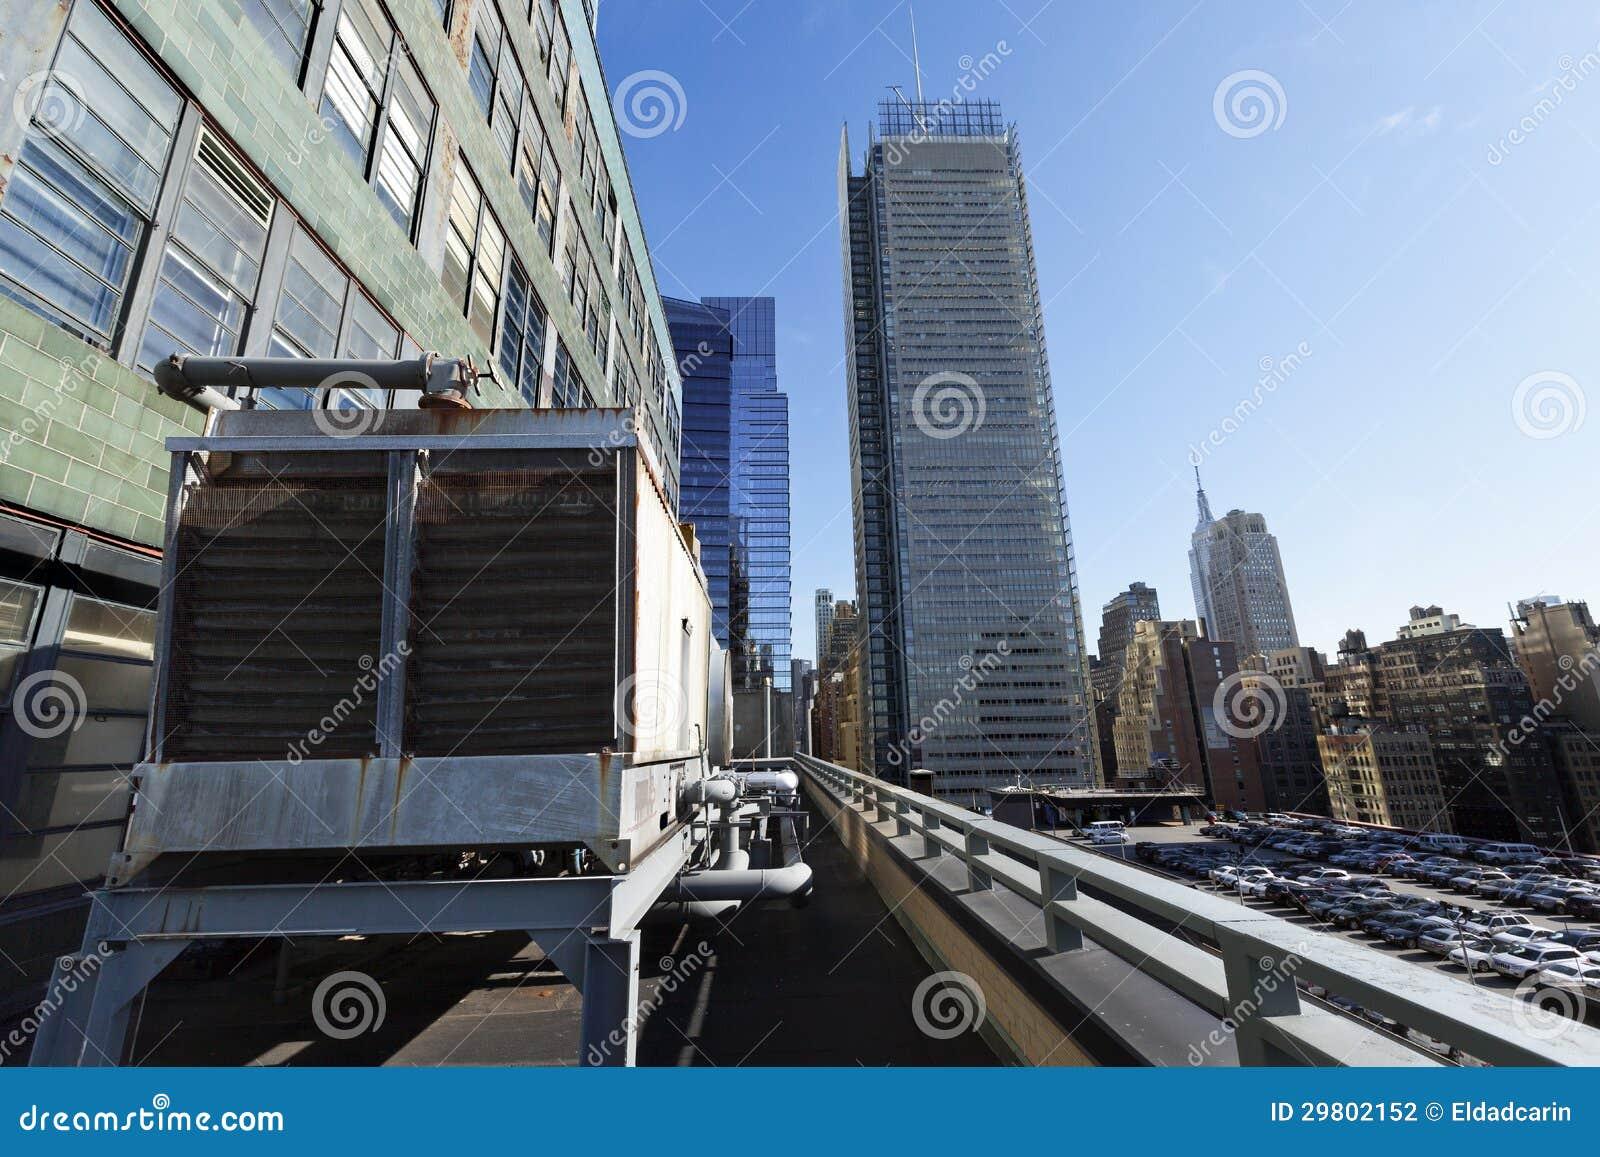 Estacionamento do telhado da autoridade portuária e arranha-céus Manhattan Yor novo